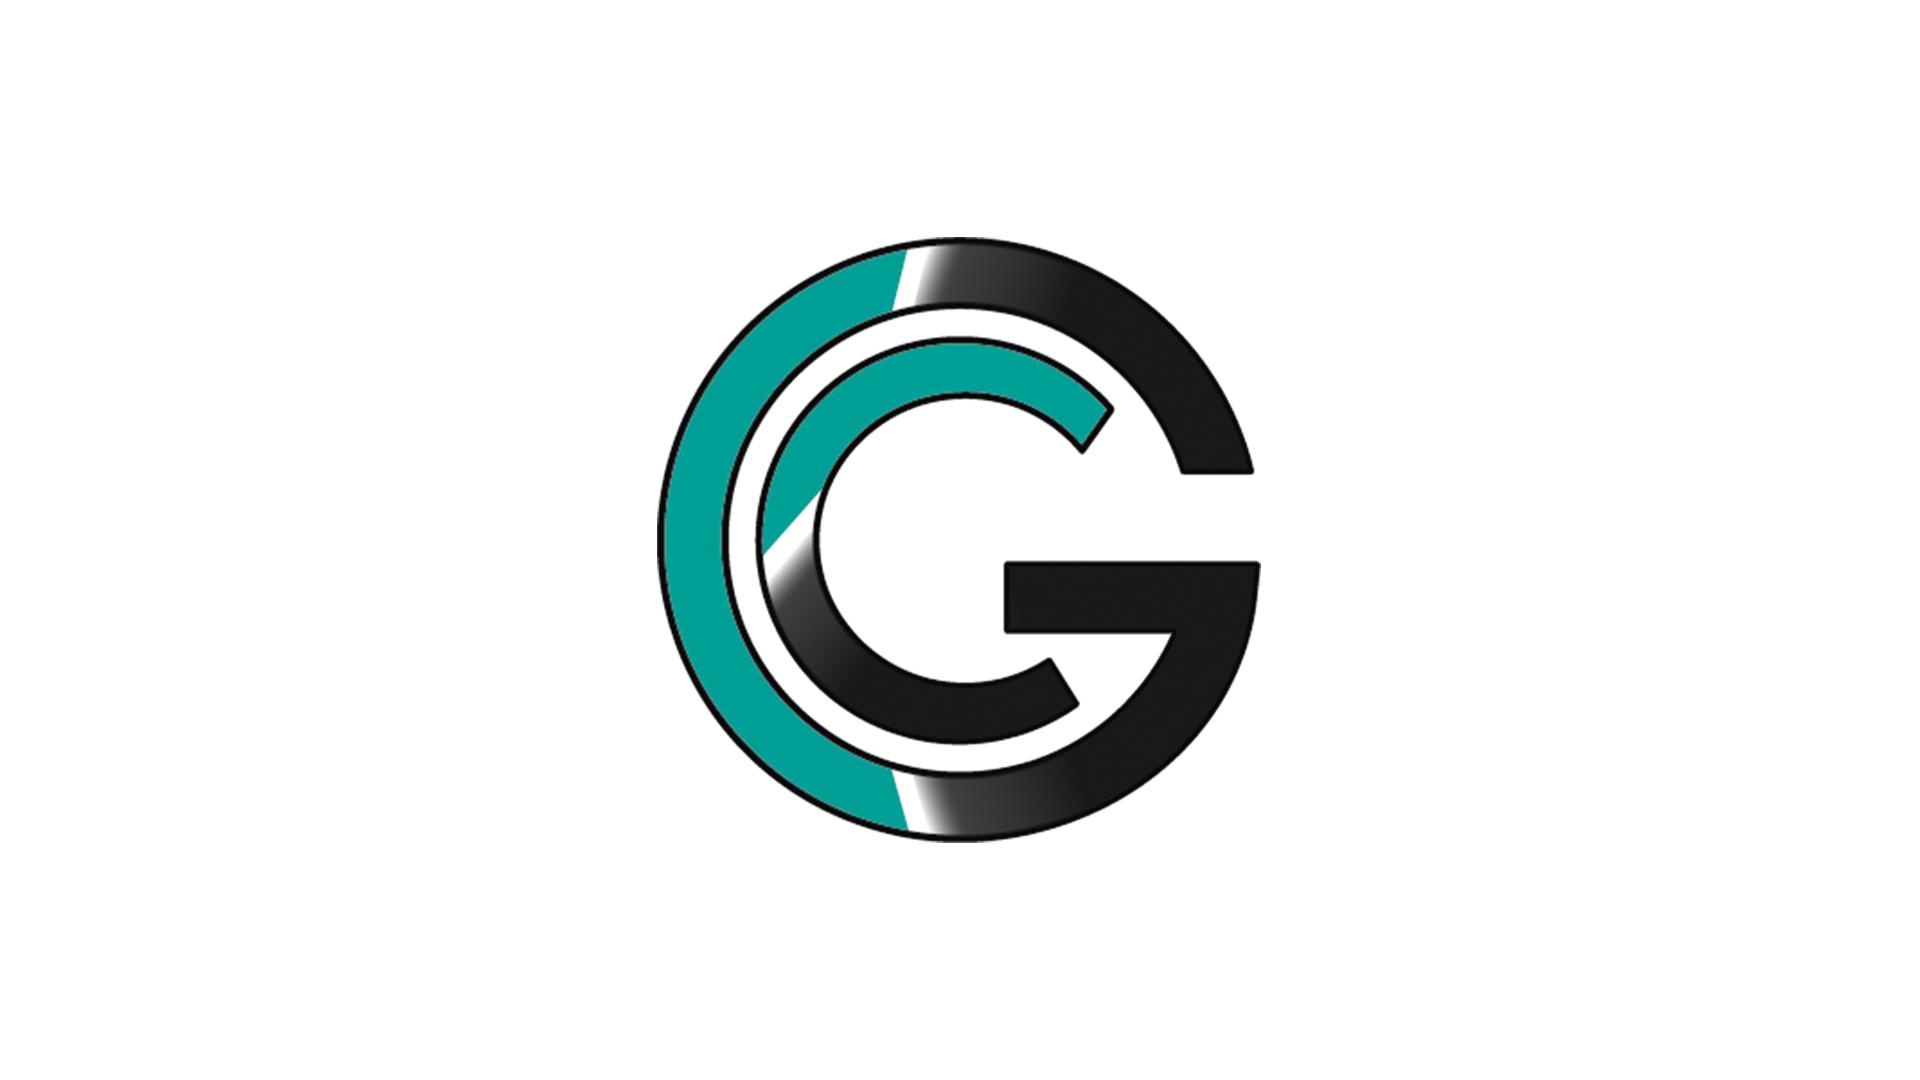 Slide_rev_GC_03_logo